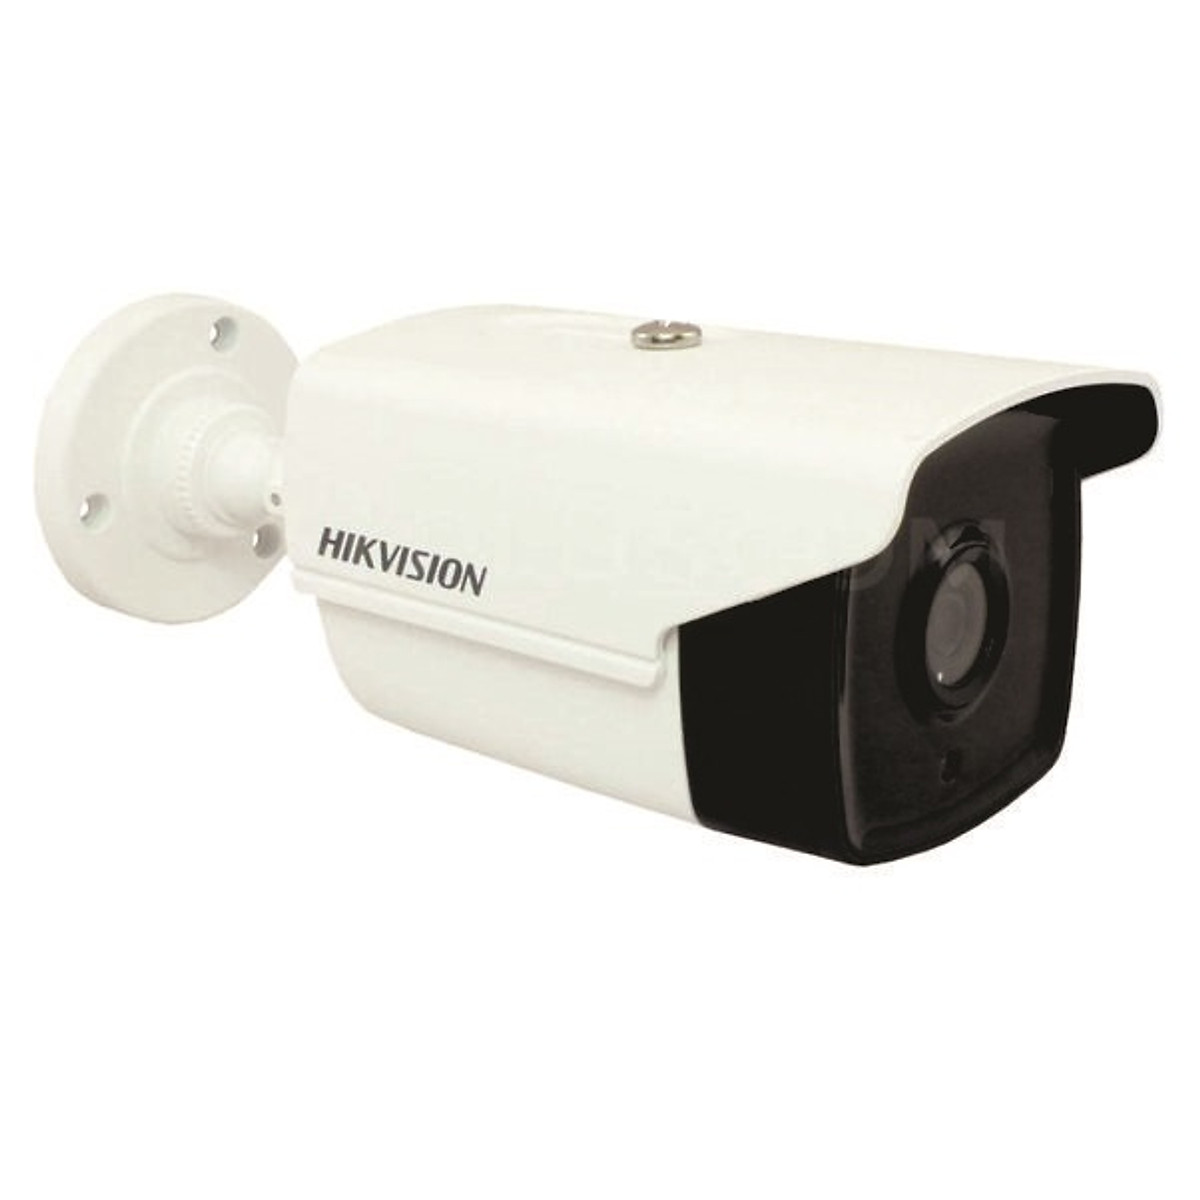 Camera Hikvision DS-2CE16H0T-IT5F -Hàng Chính Hãng